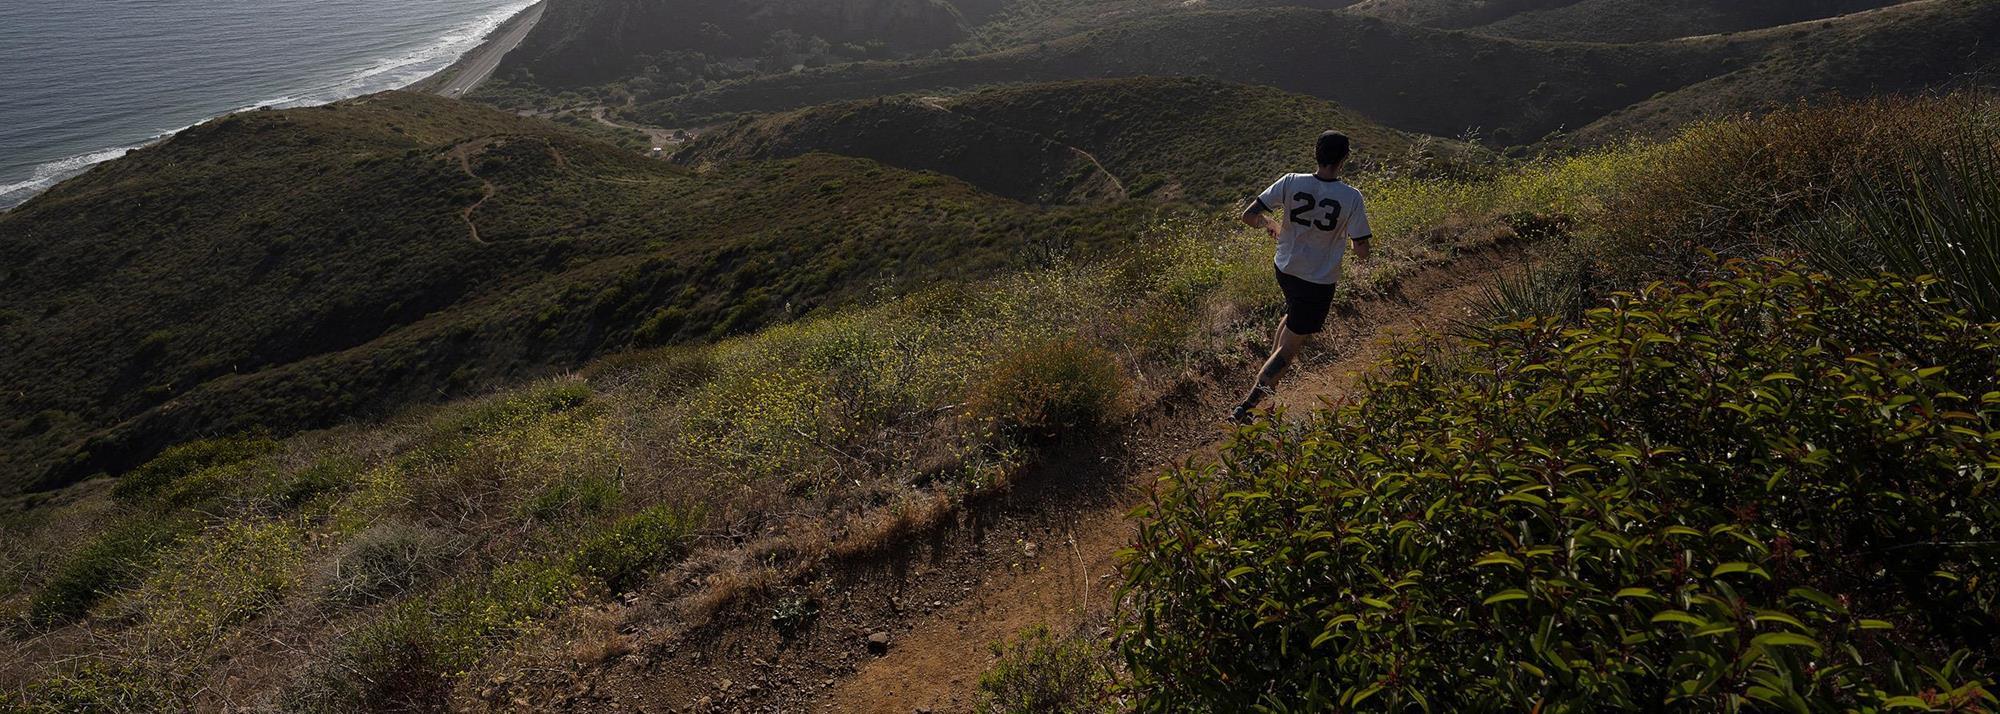 Mattevi's 10 tips for budding mountain runners